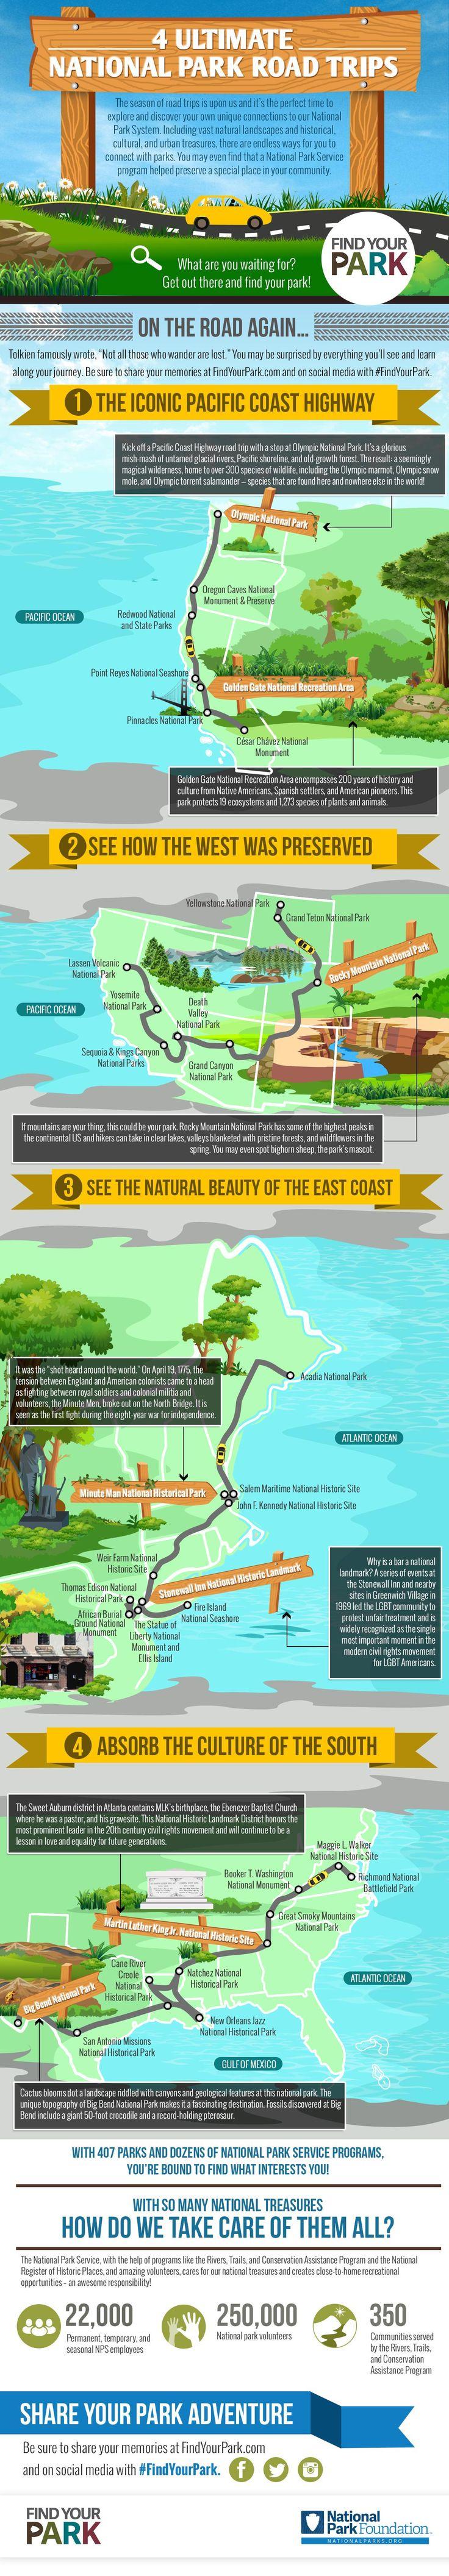 Die 4 ultimativen National Park Road Trips Infografik. Weitere tolle Rundreisen findet ihr auf http://www.usa-mietwagen.tips/blog/reiserouten/ Viel Spaß beim Ideensammeln! :)